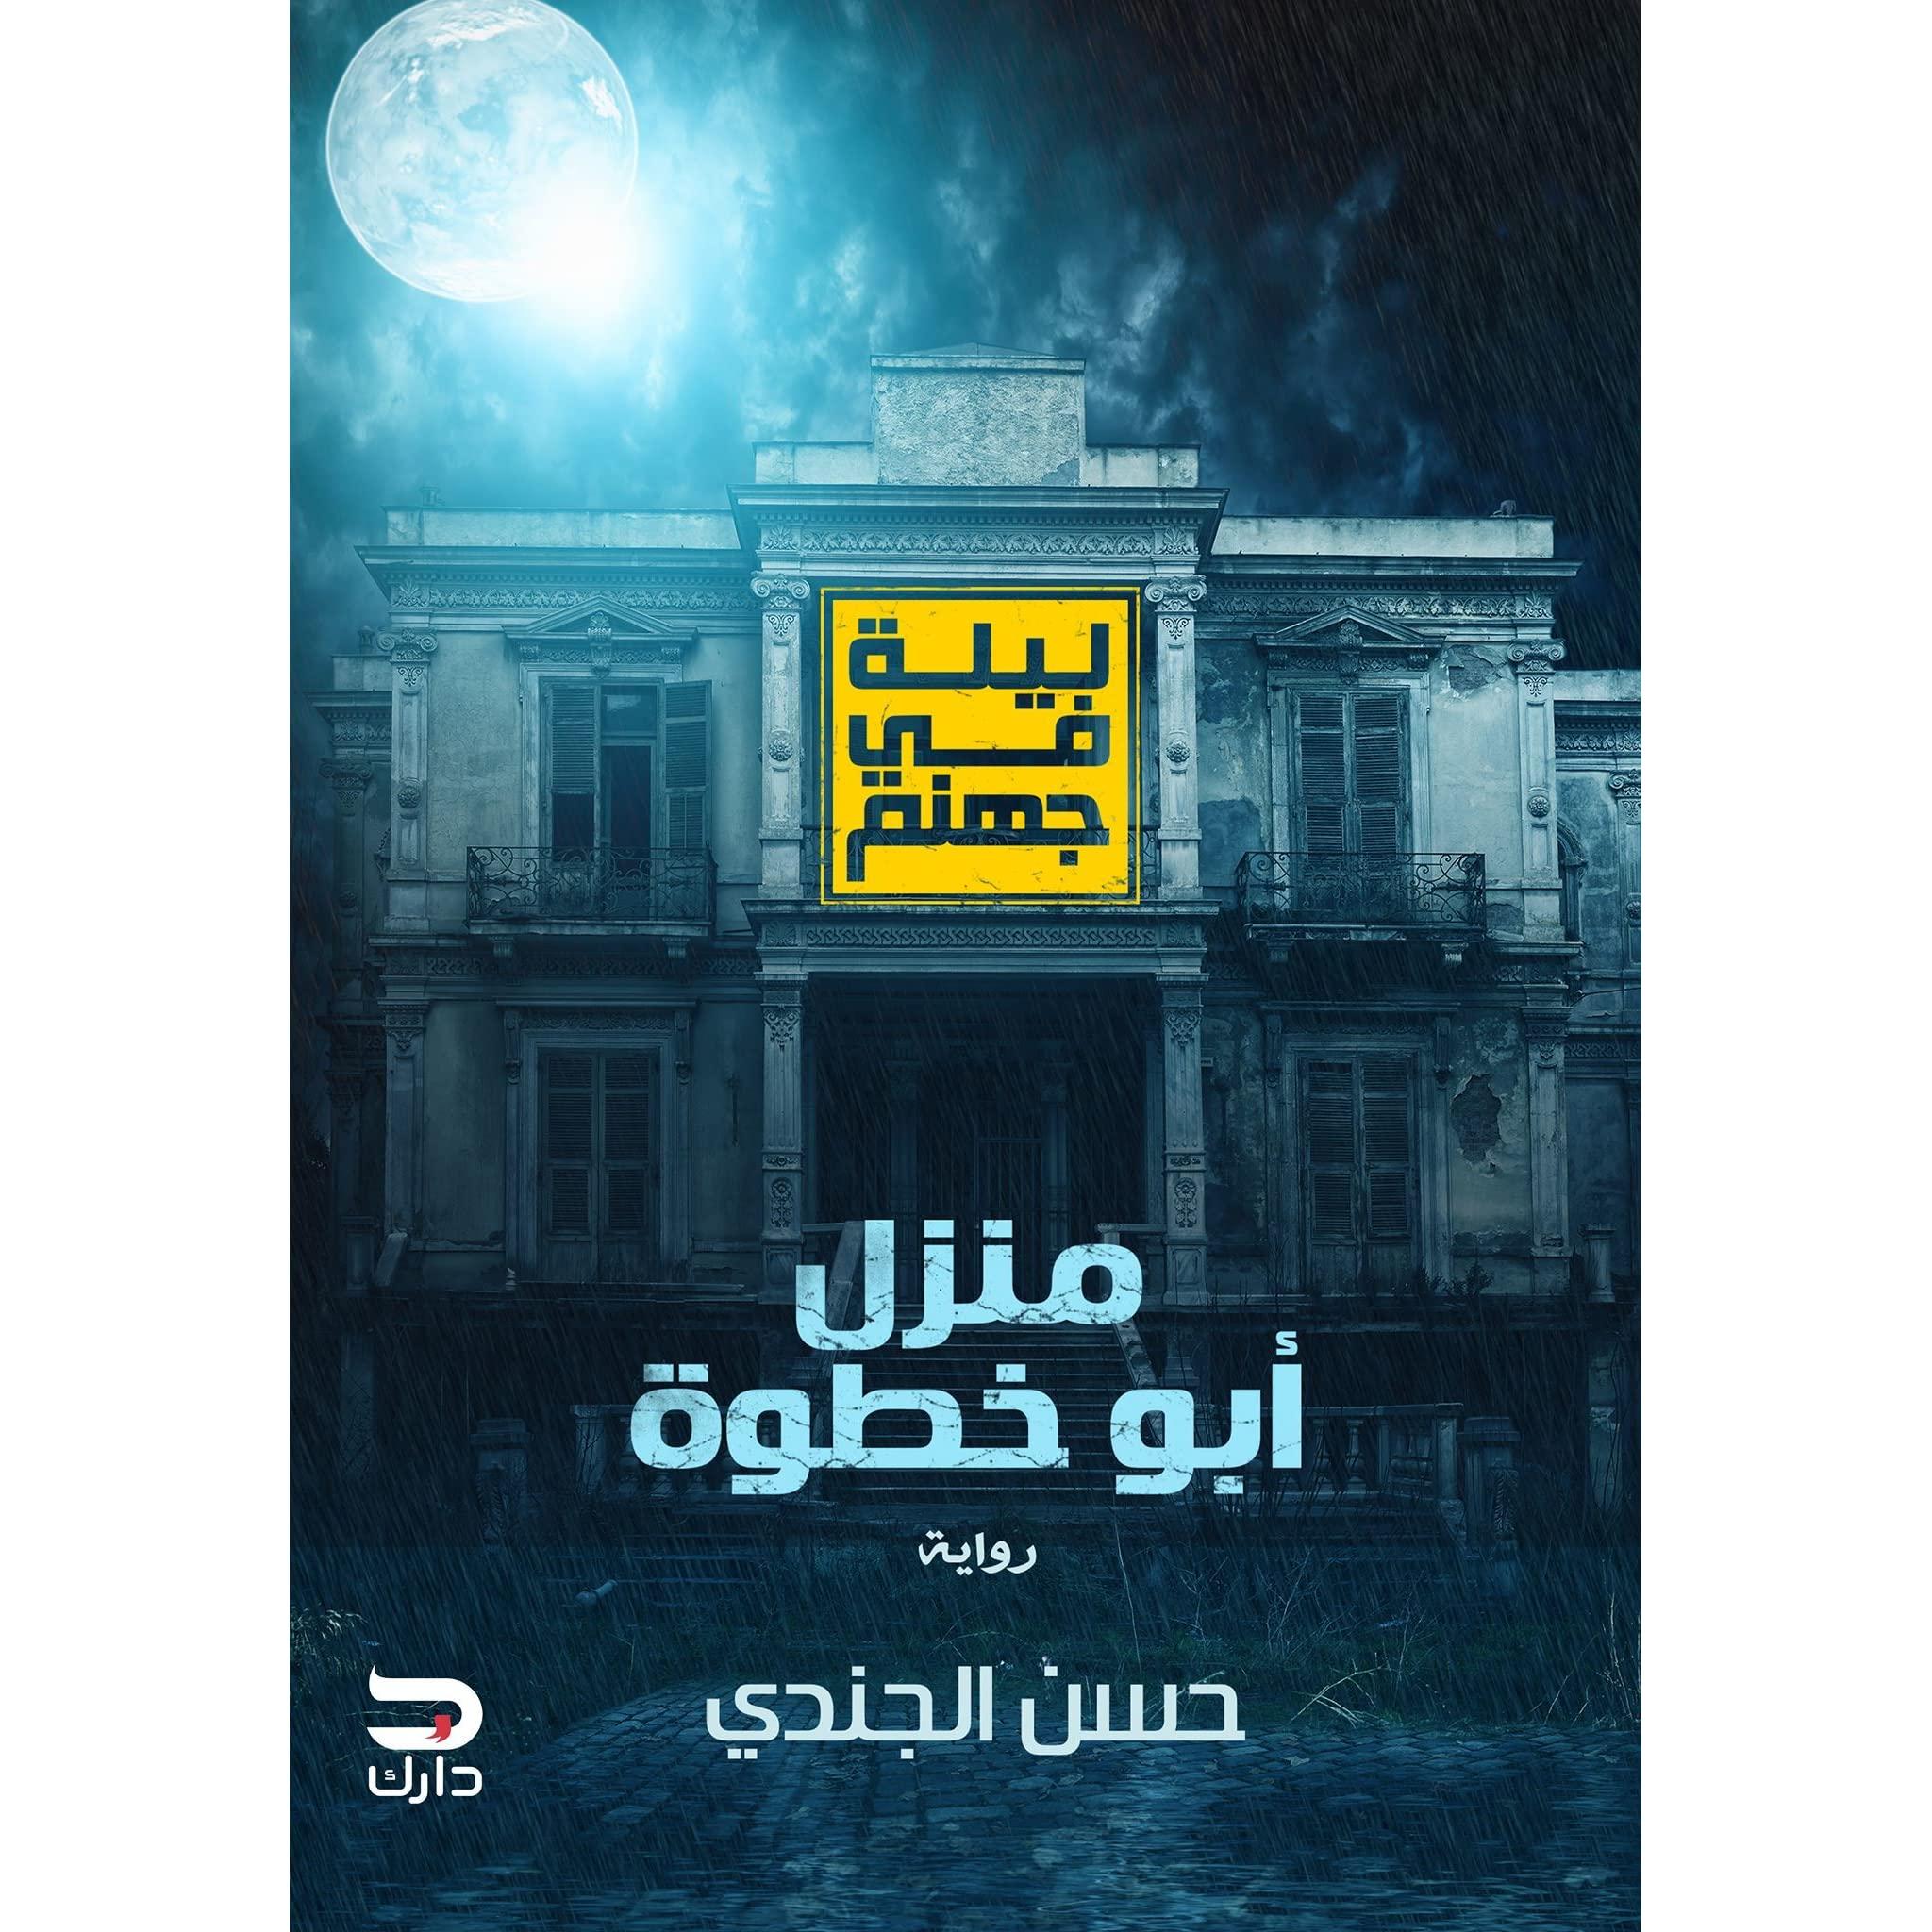 رواية ليلة في جهنم - منزل أبو خطوة.